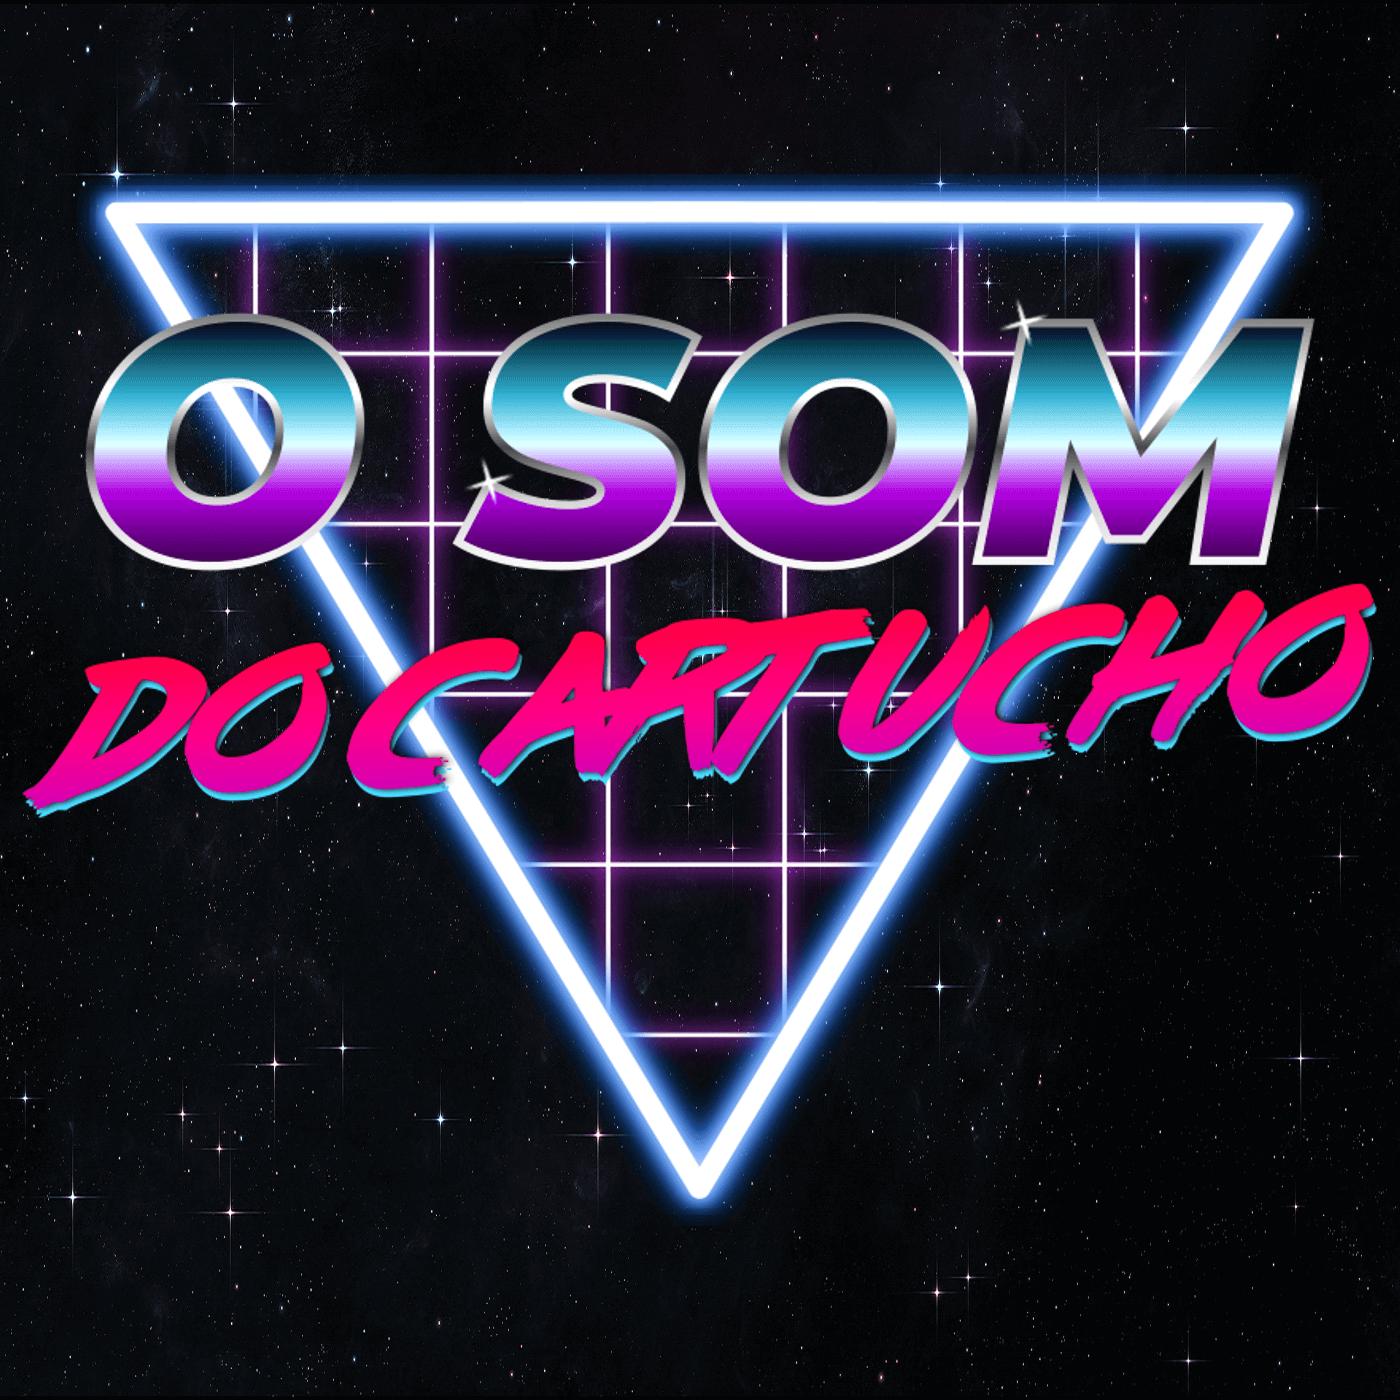 Imagem do O Som do Cartucho